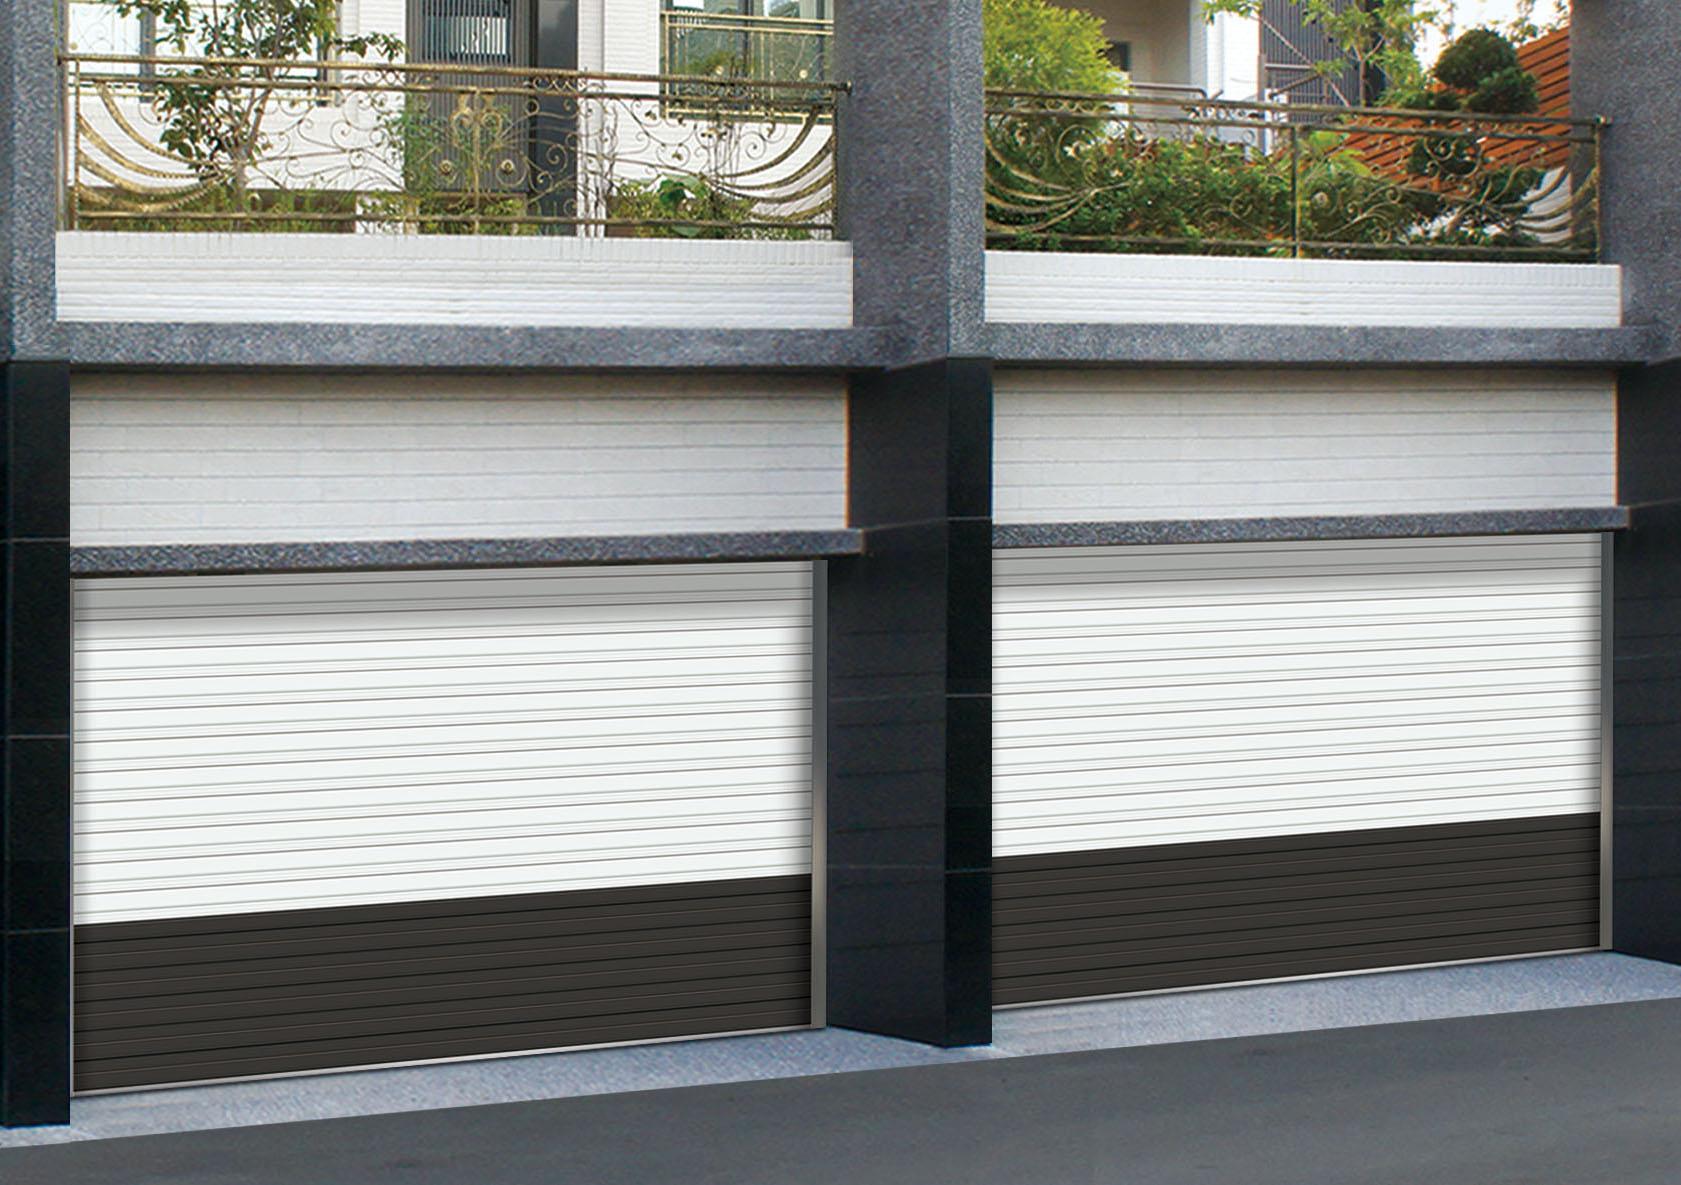 215-5型單層鋁合金快速安全捲門(ㄧ大ㄧ小)